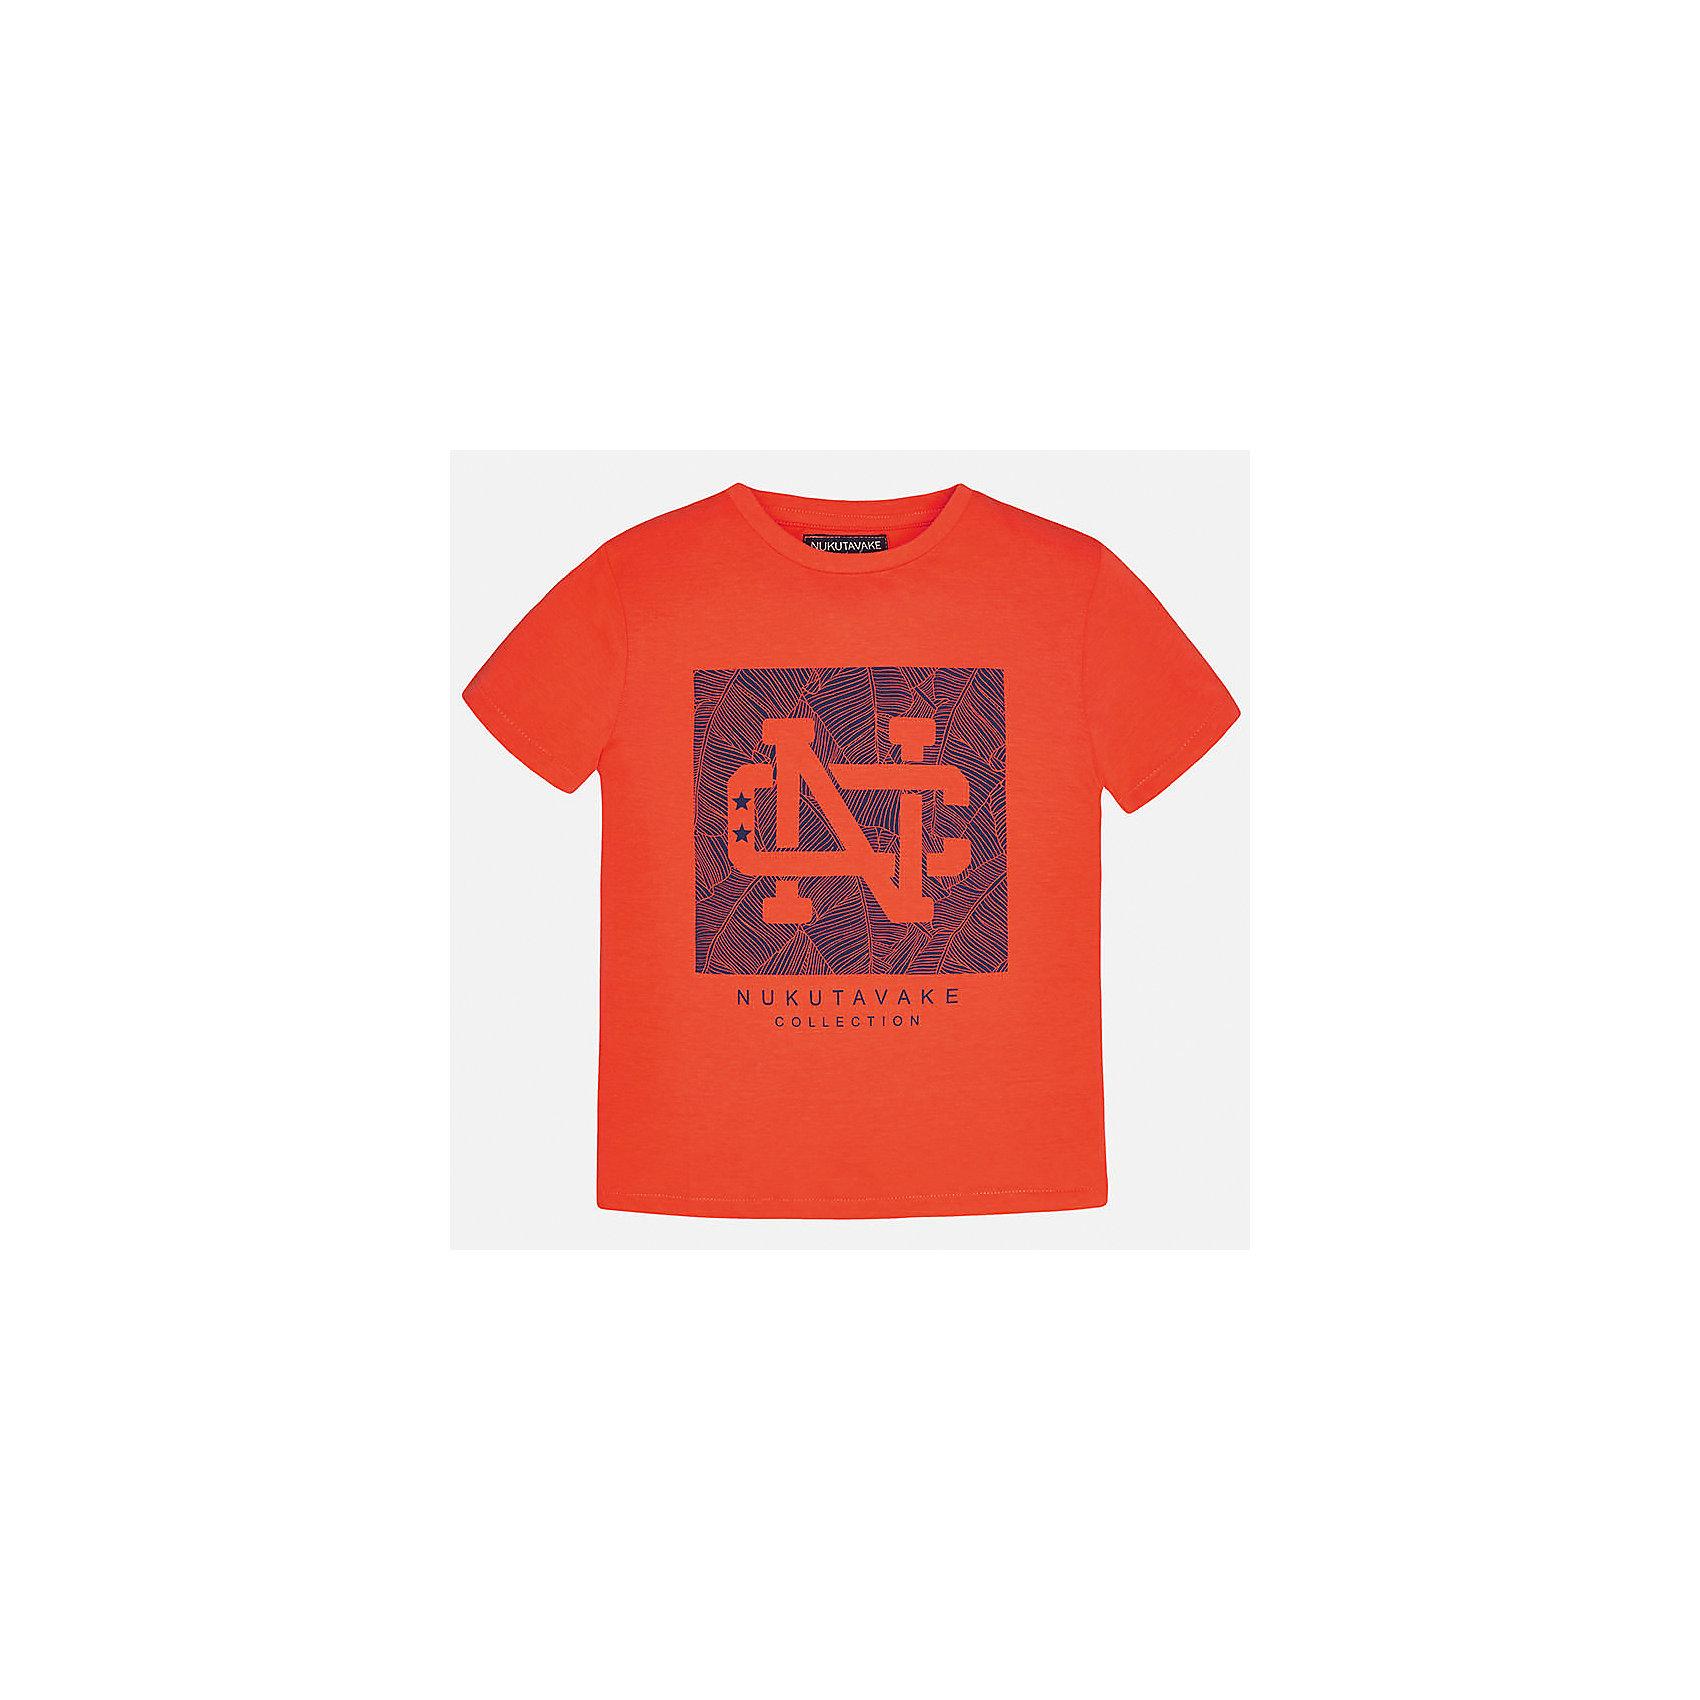 Футболка для мальчика MayoralФутболки, поло и топы<br>Характеристики товара:<br><br>• цвет: красный<br>• состав: 100% хлопок<br>• круглый горловой вырез<br>• декорирована принтом<br>• короткие рукава<br>• отделка горловины<br>• страна бренда: Испания<br><br>Стильная удобная футболка с принтом поможет разнообразить гардероб мальчика. Она отлично сочетается с брюками, шортами, джинсами. Универсальный крой и цвет позволяет подобрать к вещи низ разных расцветок. Практичное и стильное изделие! Хорошо смотрится и комфортно сидит на детях. В составе материала - натуральный хлопок, гипоаллергенный, приятный на ощупь, дышащий. <br><br>Одежда, обувь и аксессуары от испанского бренда Mayoral полюбились детям и взрослым по всему миру. Модели этой марки - стильные и удобные. Для их производства используются только безопасные, качественные материалы и фурнитура. Порадуйте ребенка модными и красивыми вещами от Mayoral! <br><br>Футболку для мальчика от испанского бренда Mayoral (Майорал) можно купить в нашем интернет-магазине.<br><br>Ширина мм: 199<br>Глубина мм: 10<br>Высота мм: 161<br>Вес г: 151<br>Цвет: красный<br>Возраст от месяцев: 156<br>Возраст до месяцев: 168<br>Пол: Мужской<br>Возраст: Детский<br>Размер: 170,164,158,152,140,128/134<br>SKU: 5278265